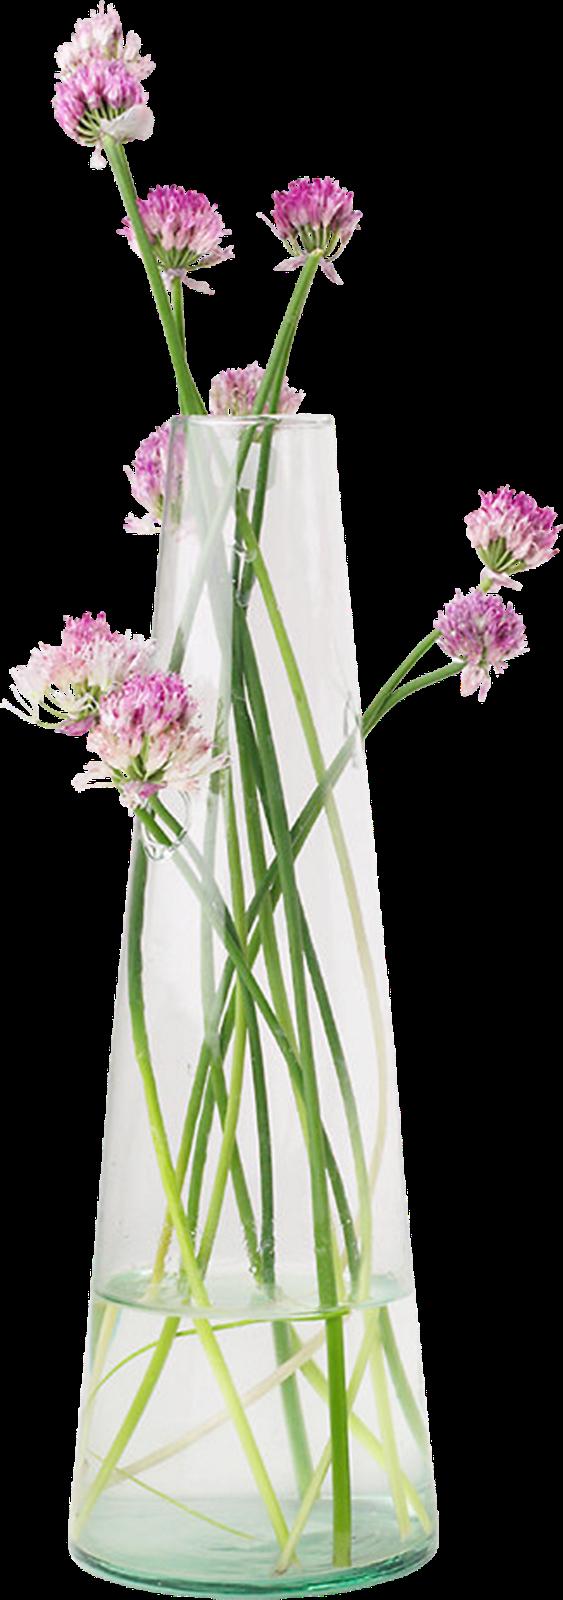 Im genes de flores fondos de pantalla y mucho m s - Jarrones de cristal con flores ...